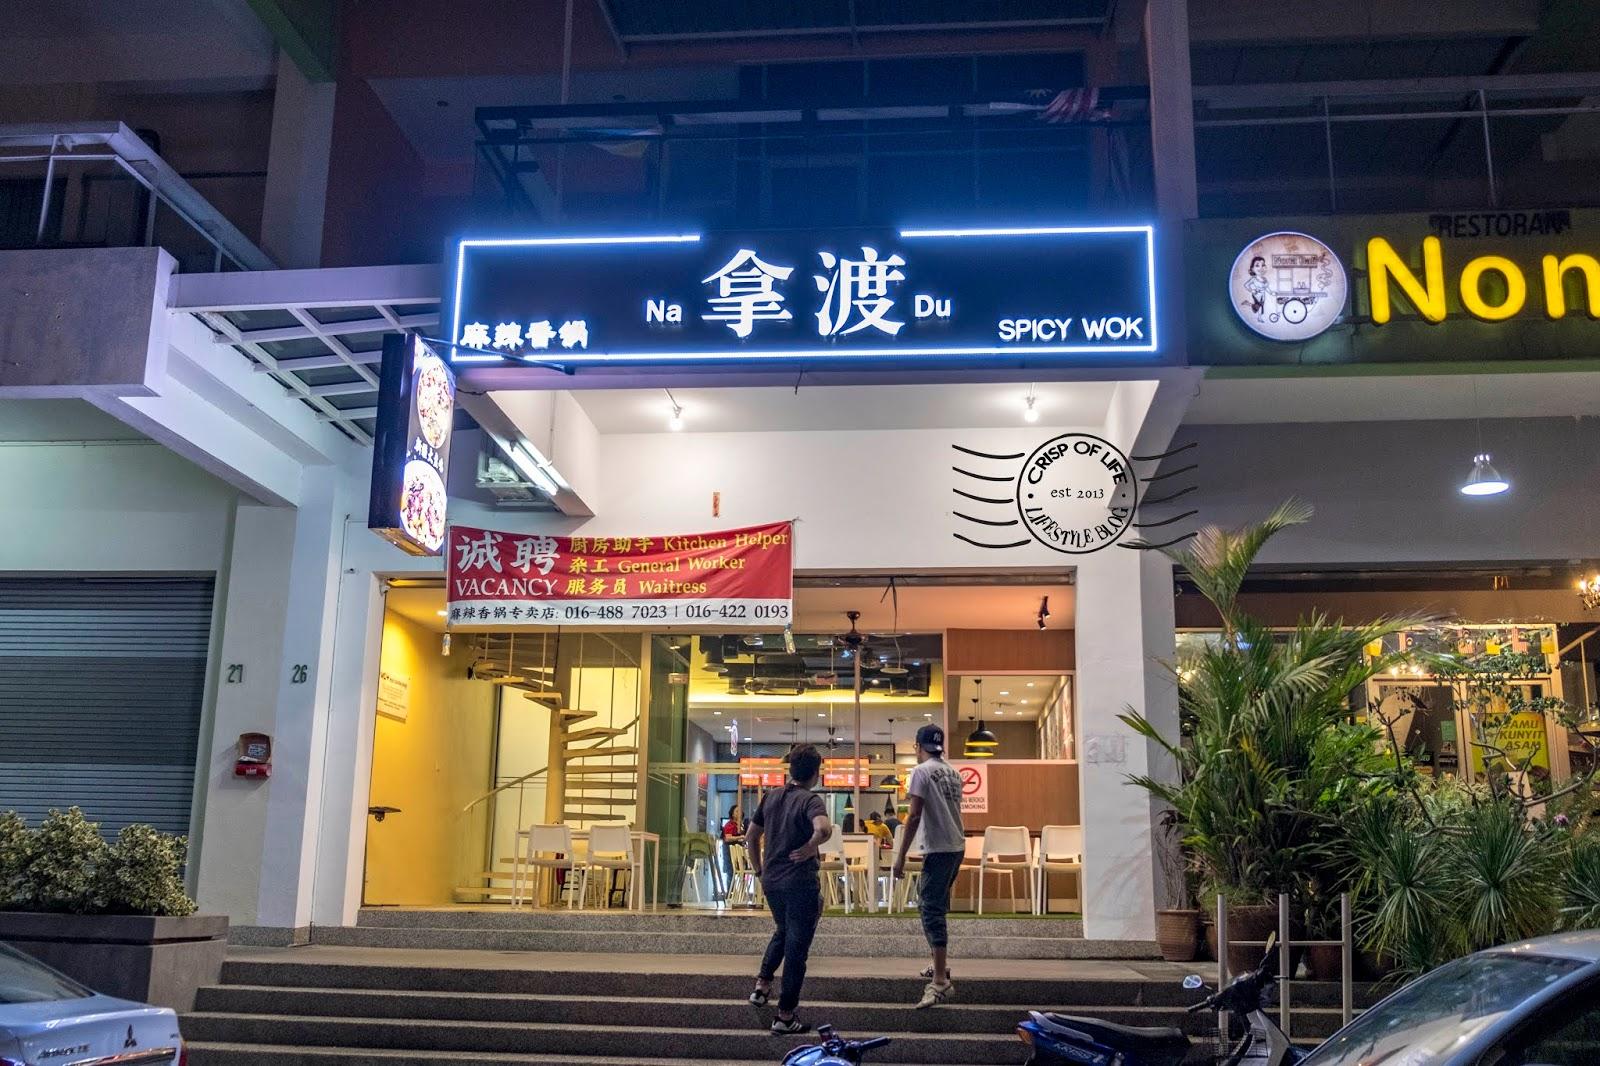 Na Du Spicy Wok 拿渡麻辣香锅 at Karpal Singh Drive, Penang